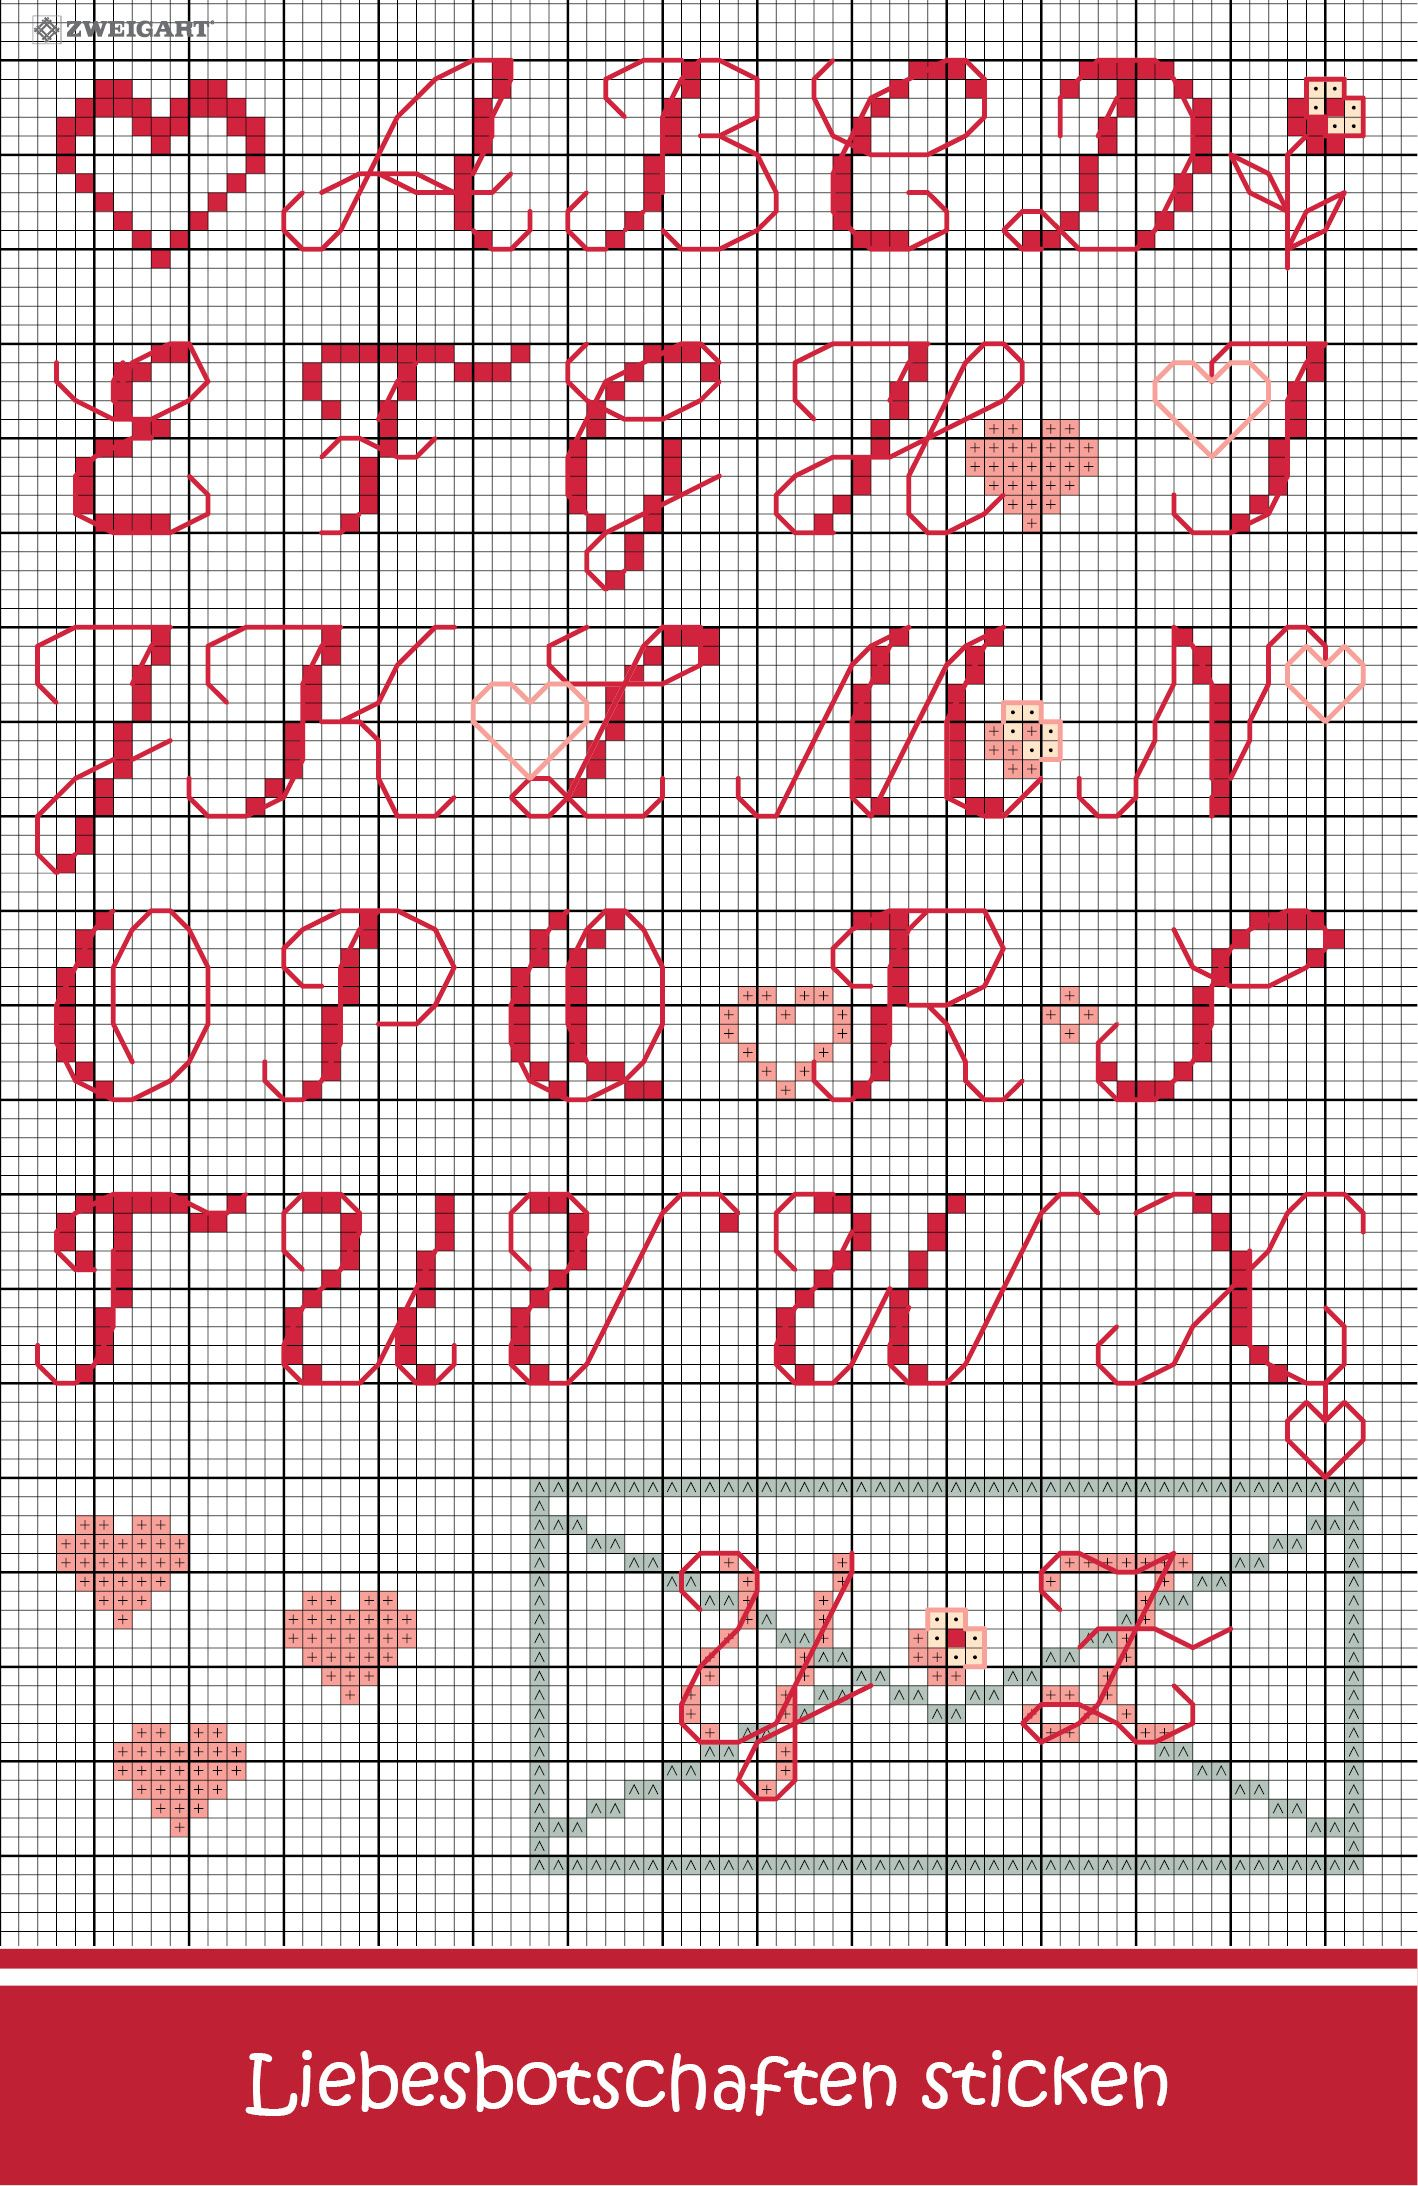 Strickbuchstaben Buchstaben Sticken Kreuzstichbuchstaben